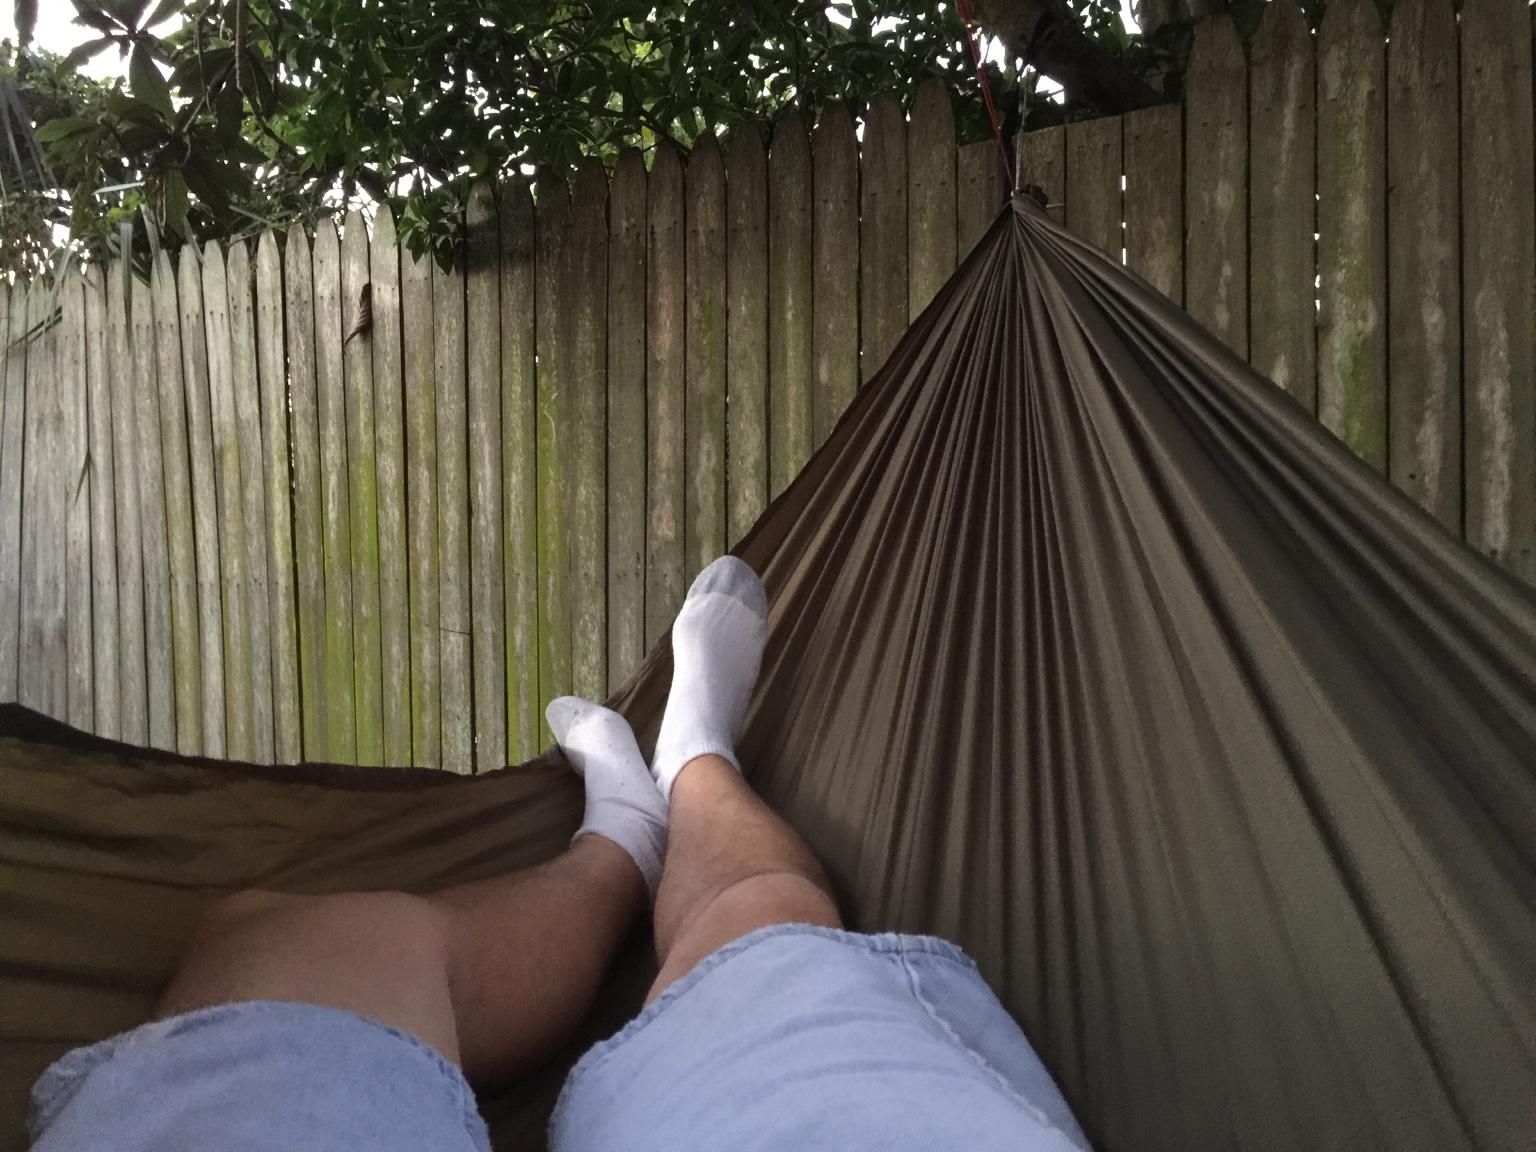 i u0027m not sure if it u0027s because i u0027m under 6 ft  tall but i u0027m preferring hammocks in the 10 u0027 range  here u0027s a couple pics  diy hammock  3  rh   hammockforums